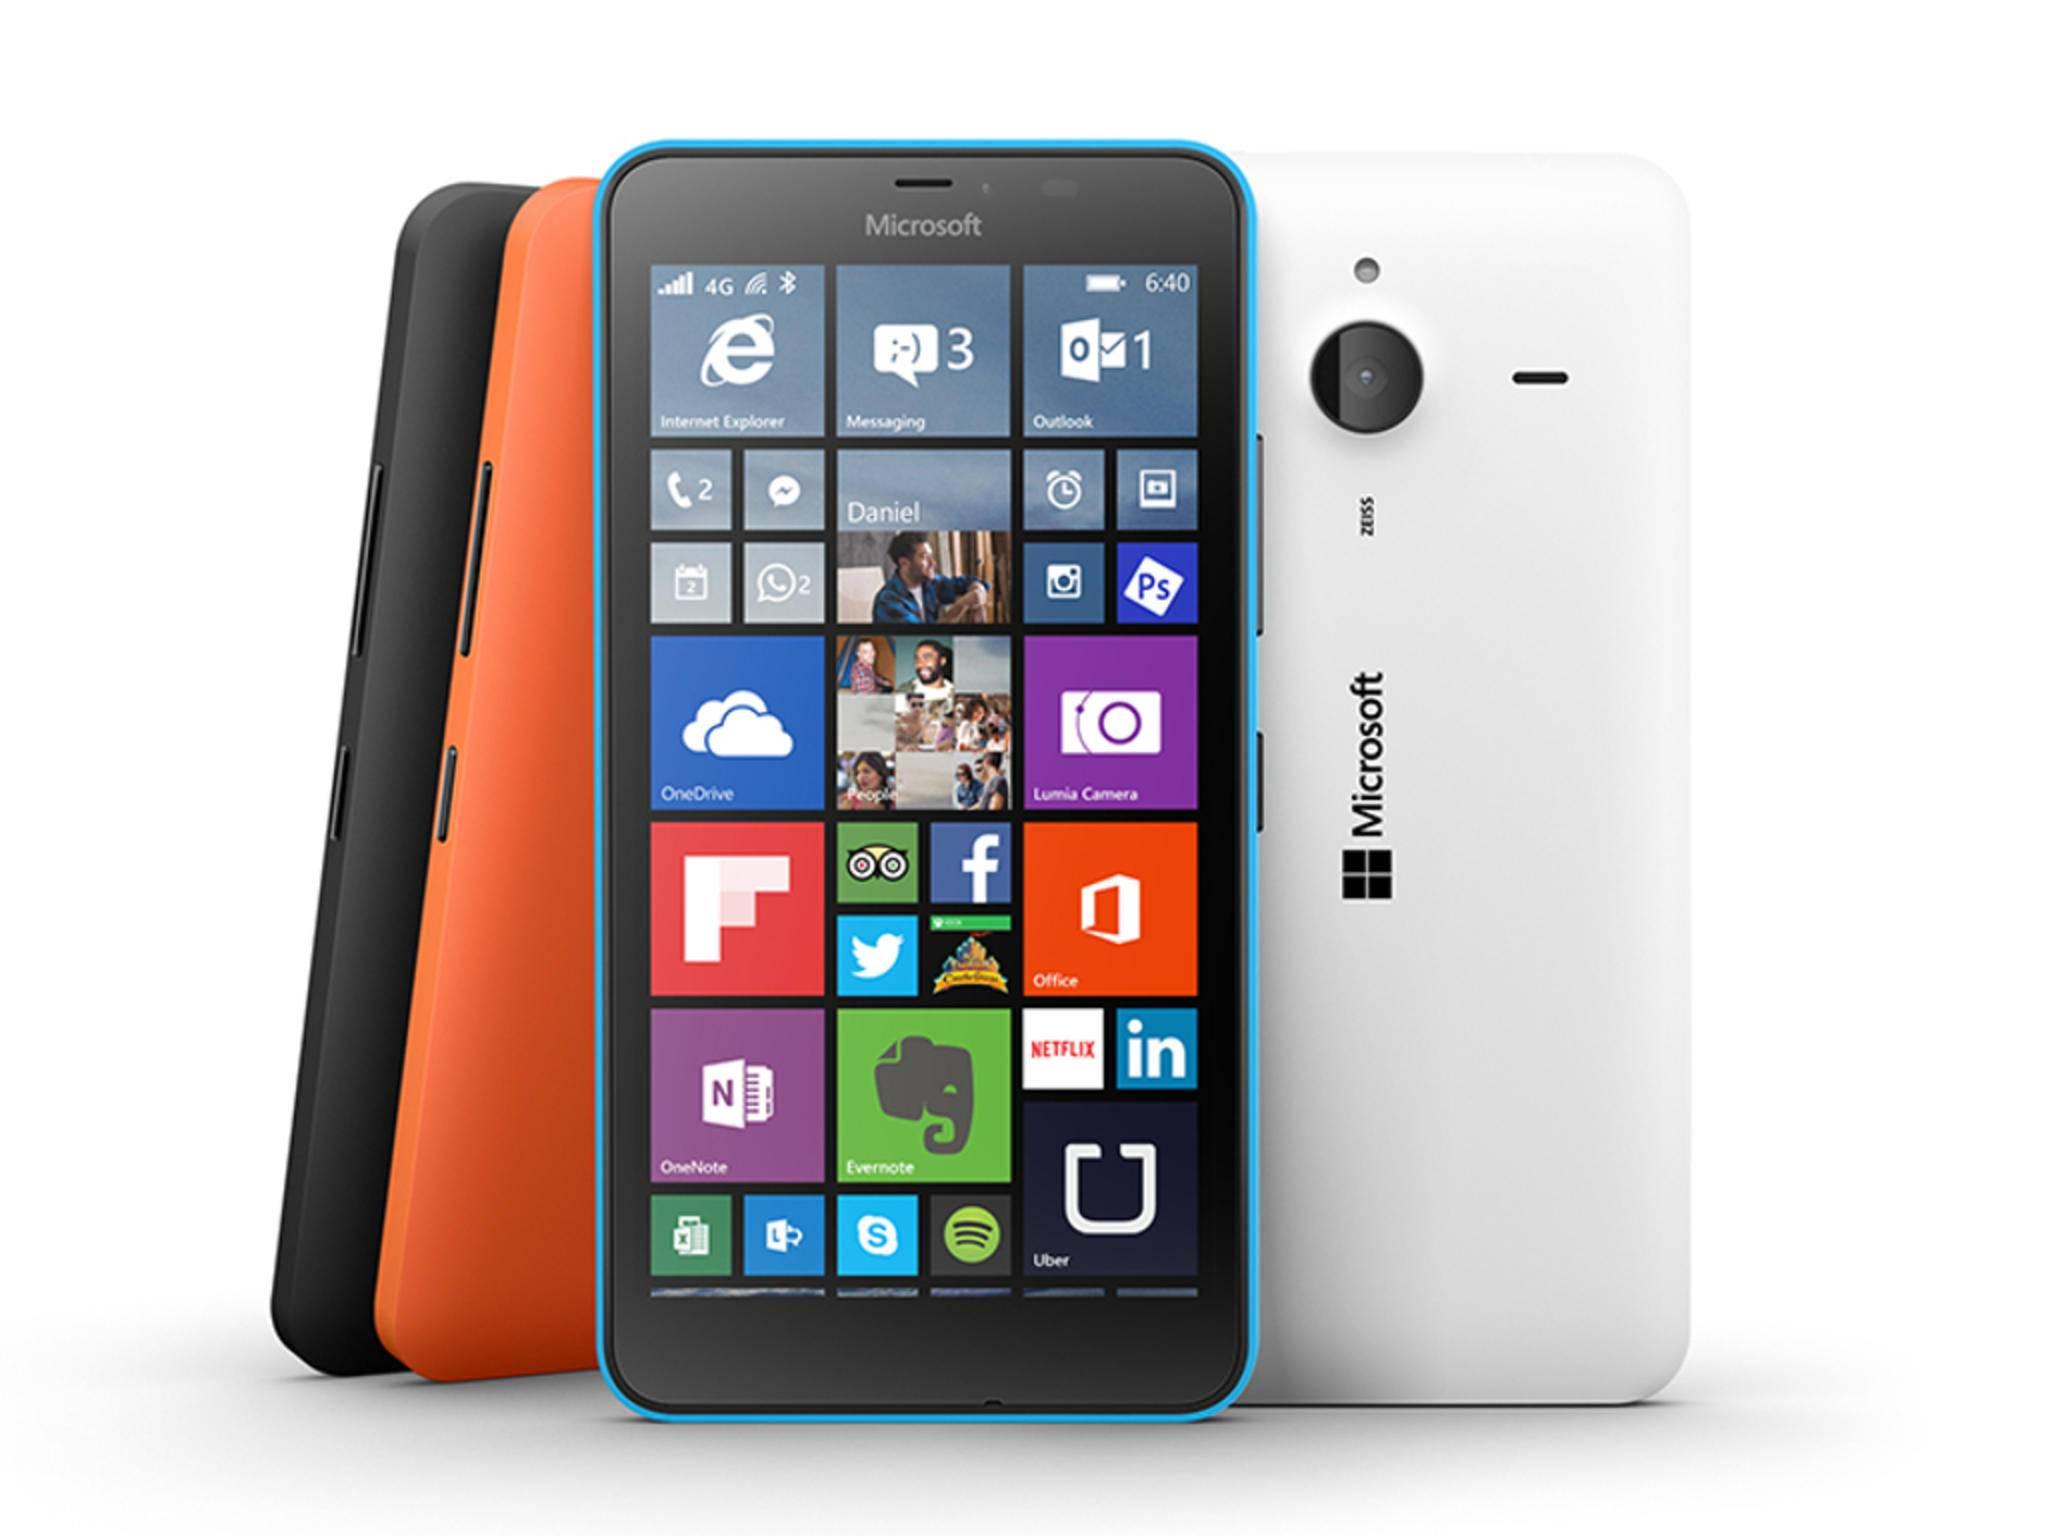 Kommt der Nachfolger zum Lumia 640 im nächsten Jahr?